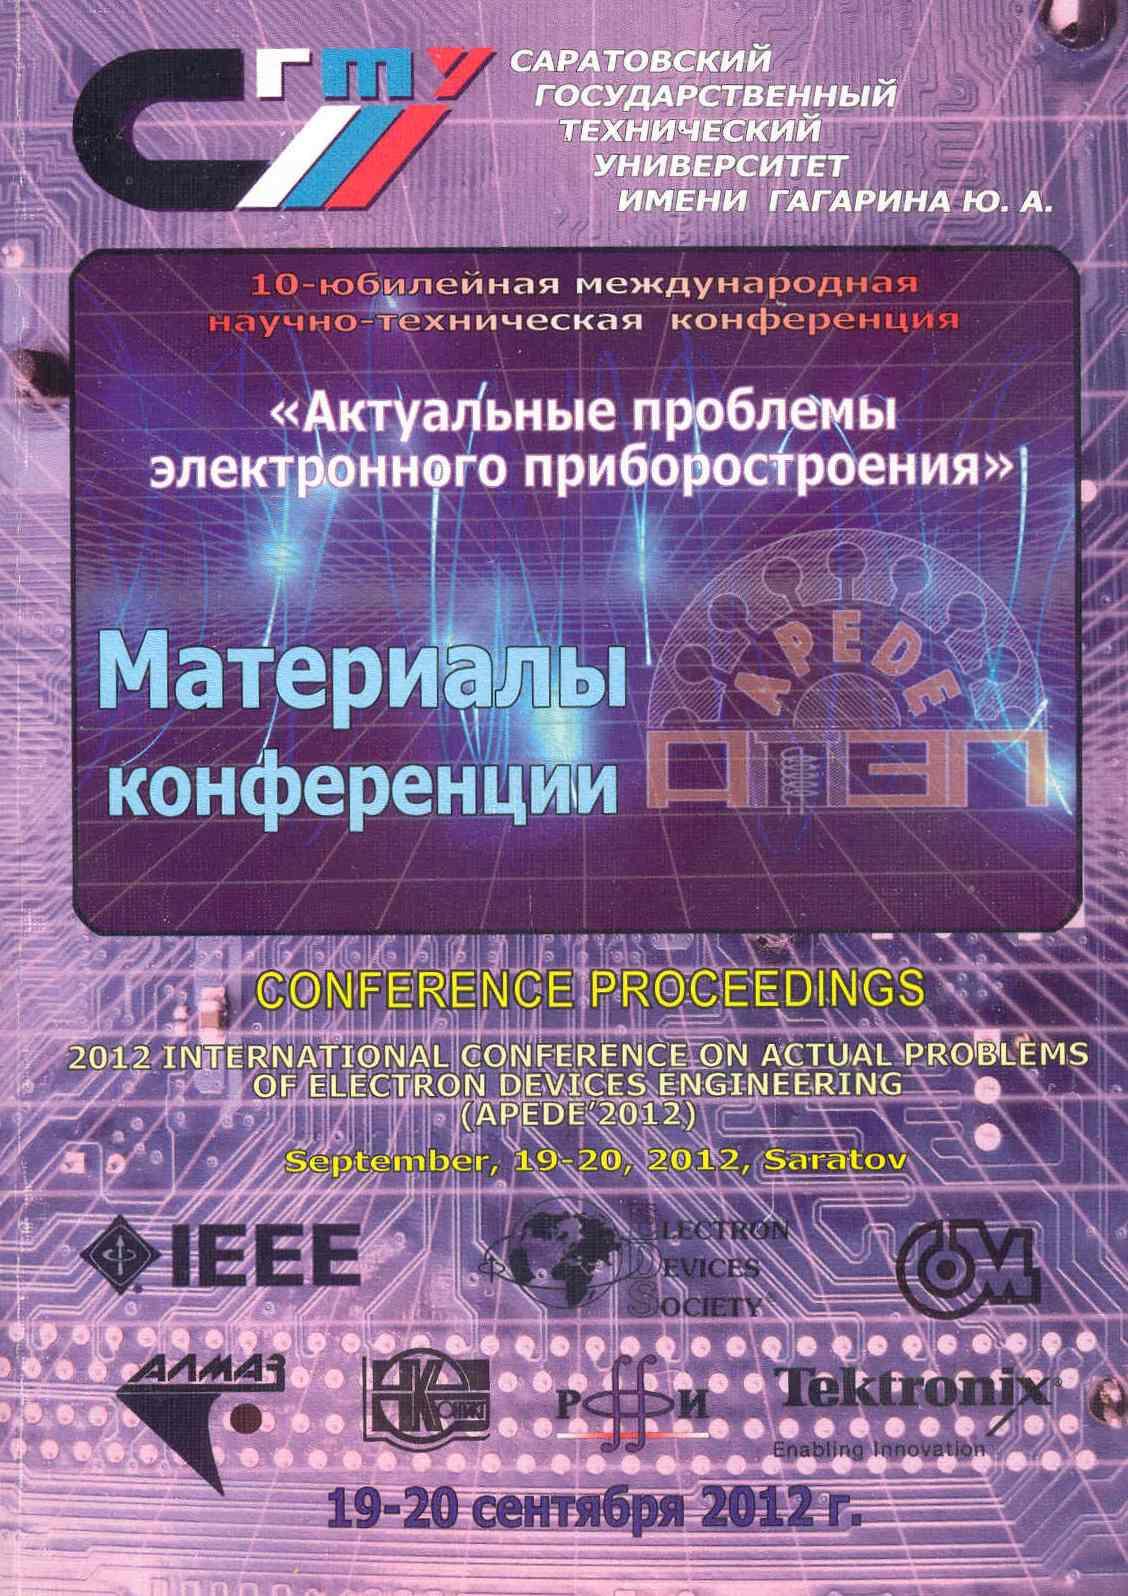 Актуальные проблемы электронного приборостроения АПЭП-2012. Материалы 10-й юбилейной Международной научно-технической конференции, 19-20 сентября 2012 г.